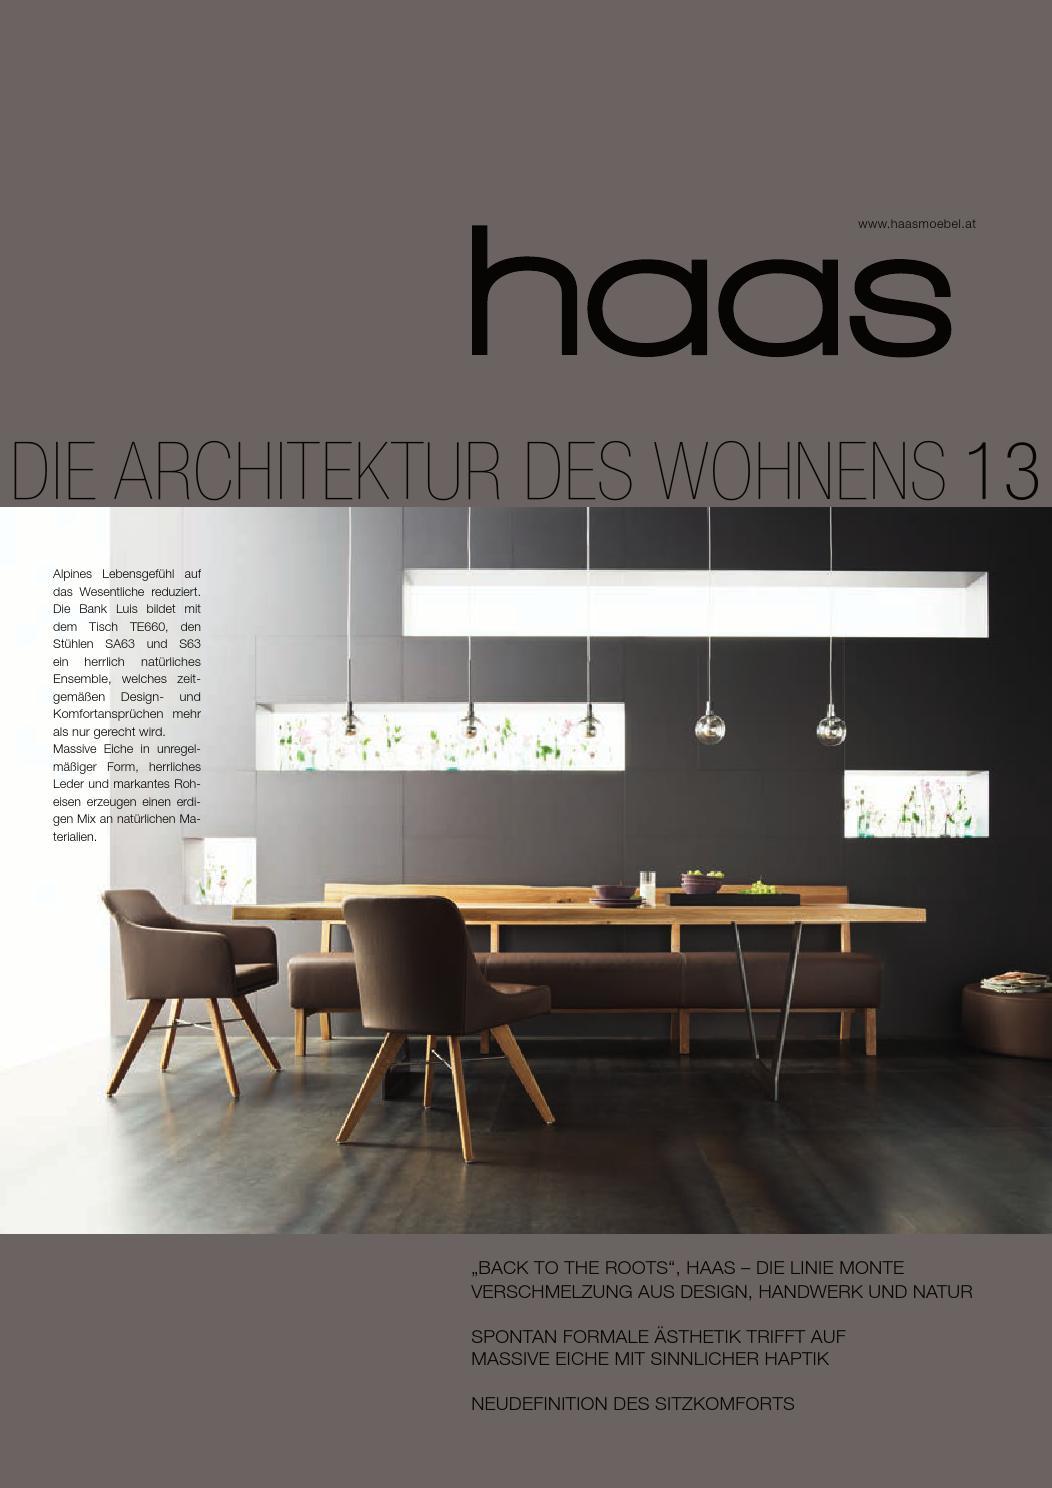 Haas Möbel - Die Architektur des Wohnens by Roman Gangl Möbelhandel ...